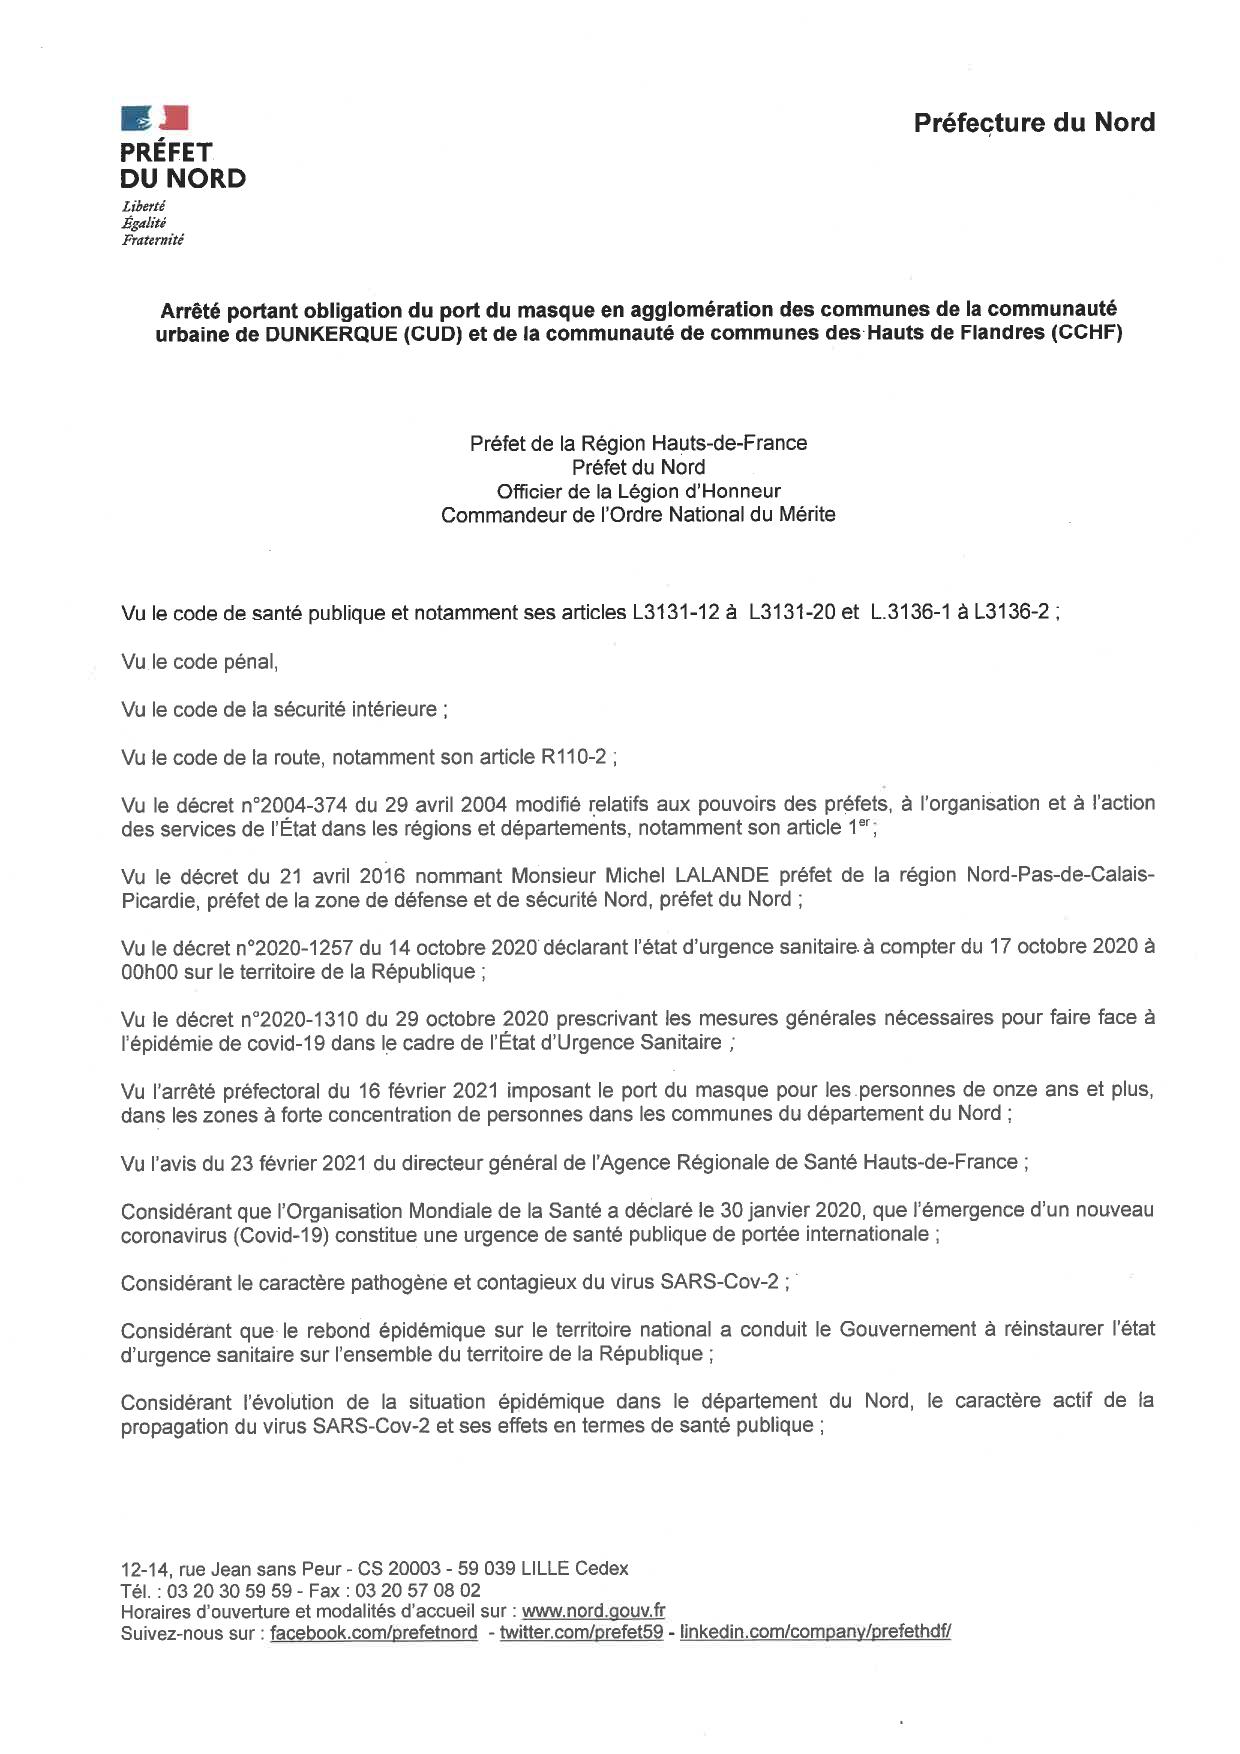 P059-20210226-Obligation_masque-cud_cchf-1_page-0001.jpg